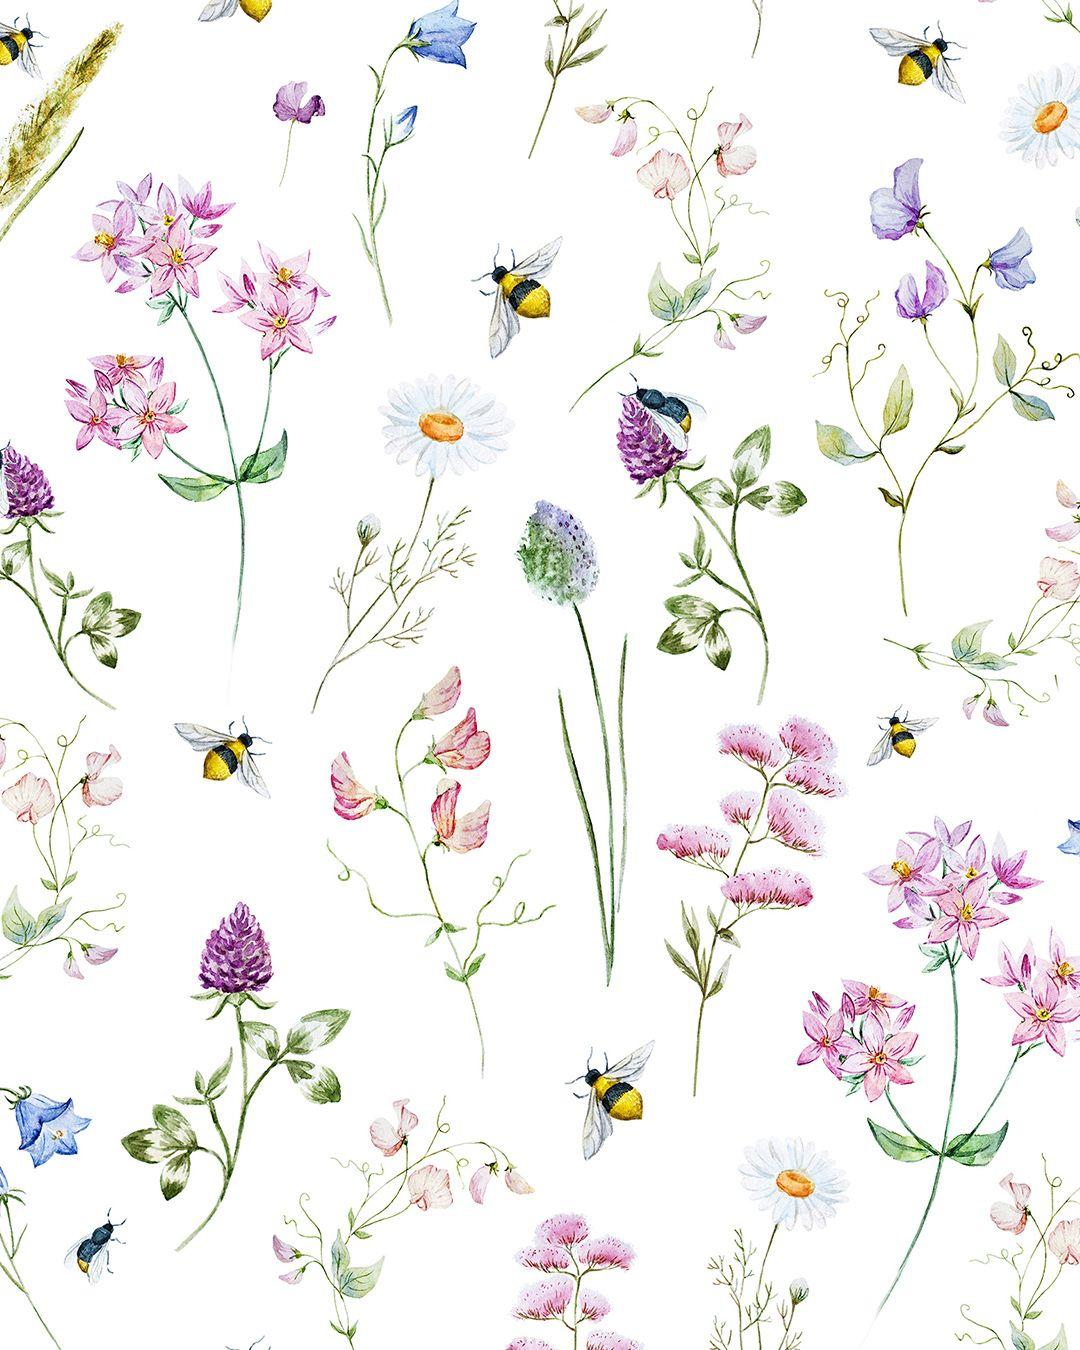 Wild Flowers Watercolor Pattern Wallmural Floralwallper Pattern